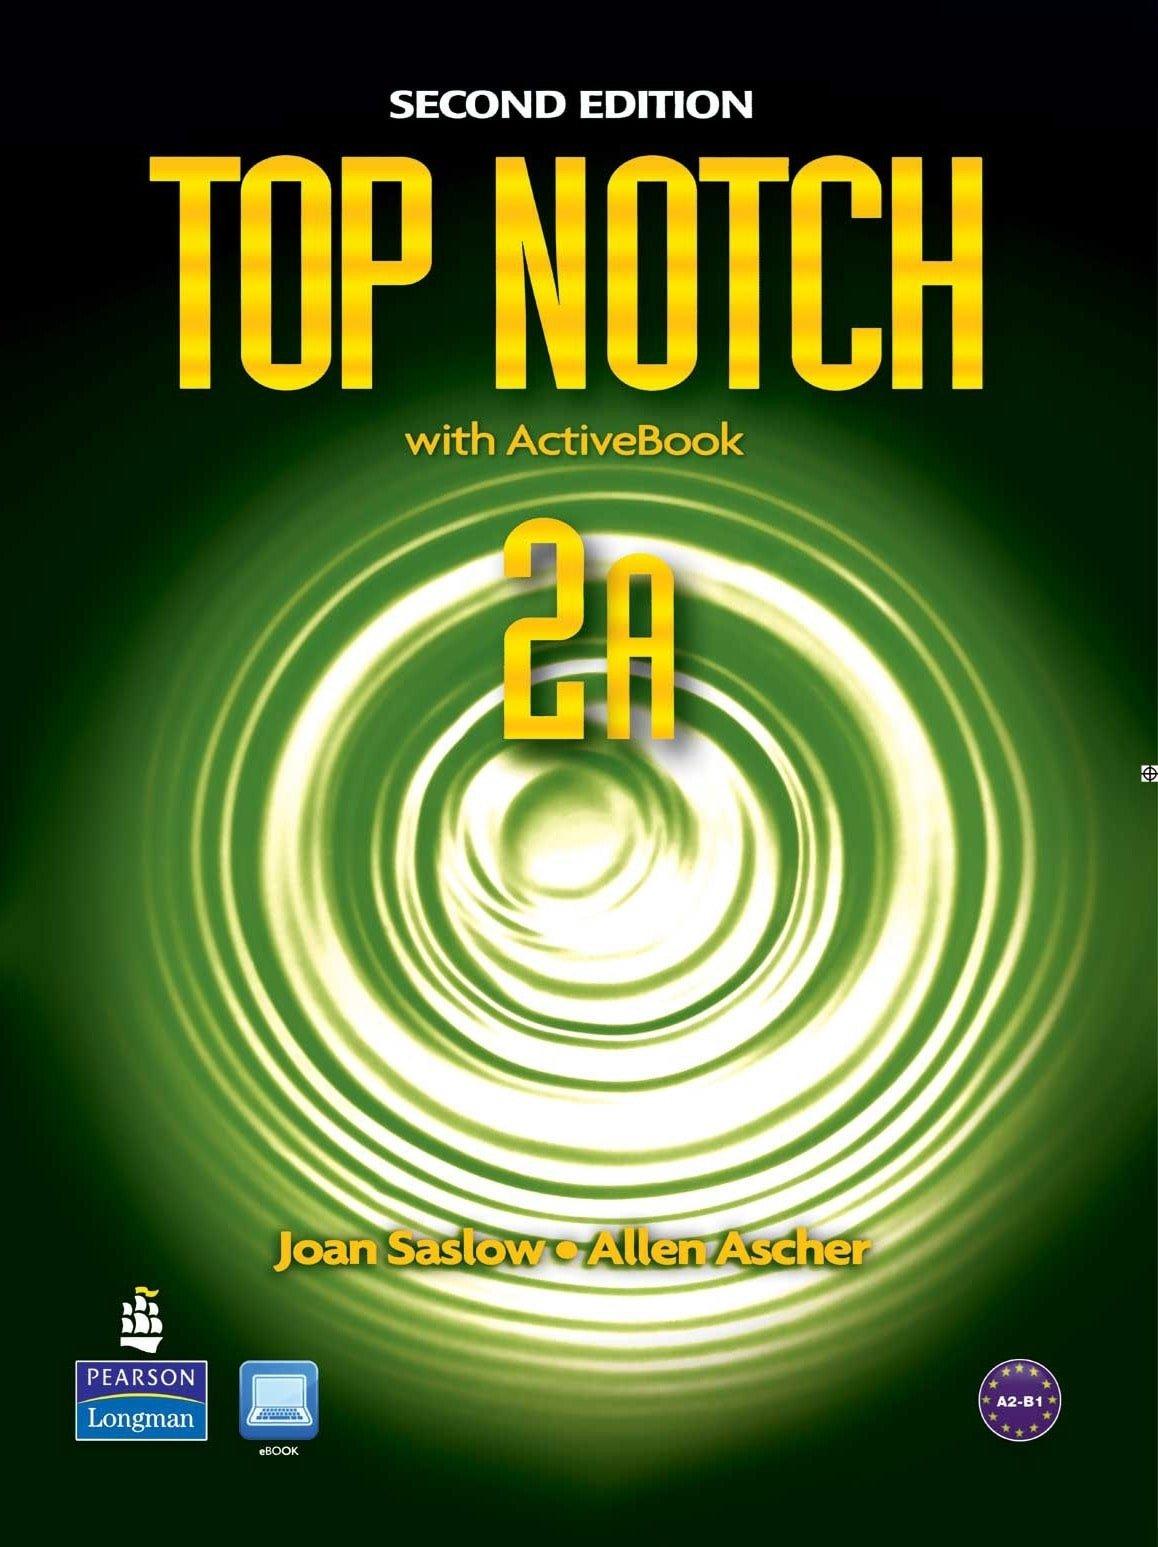 Pi 2 - top notch 2A part 2